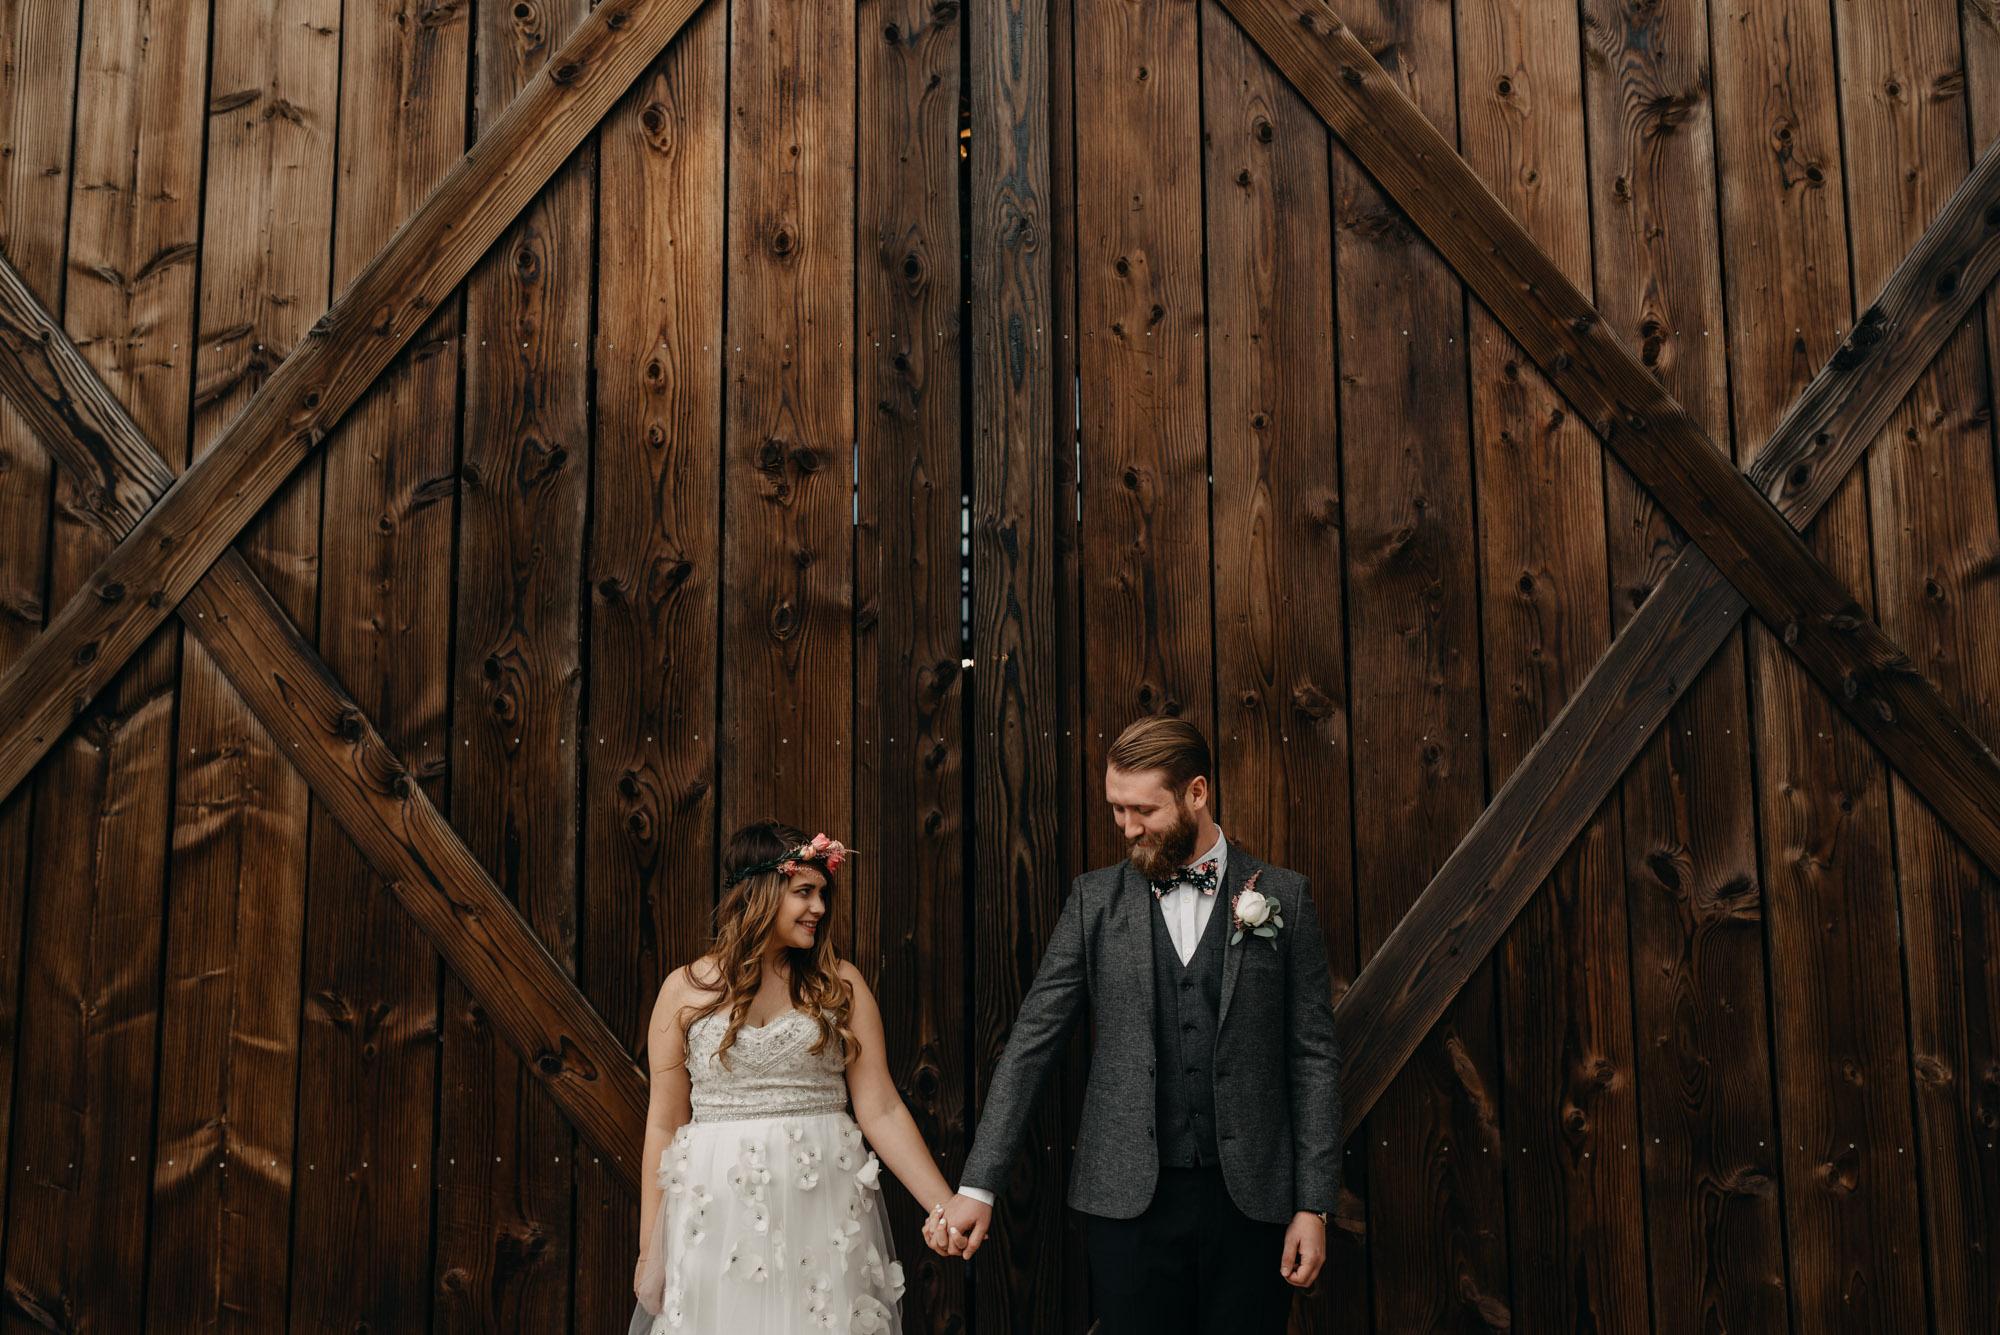 Outdoor-First-Look-Washington-Wedding-Barn-Door-8148.jpg